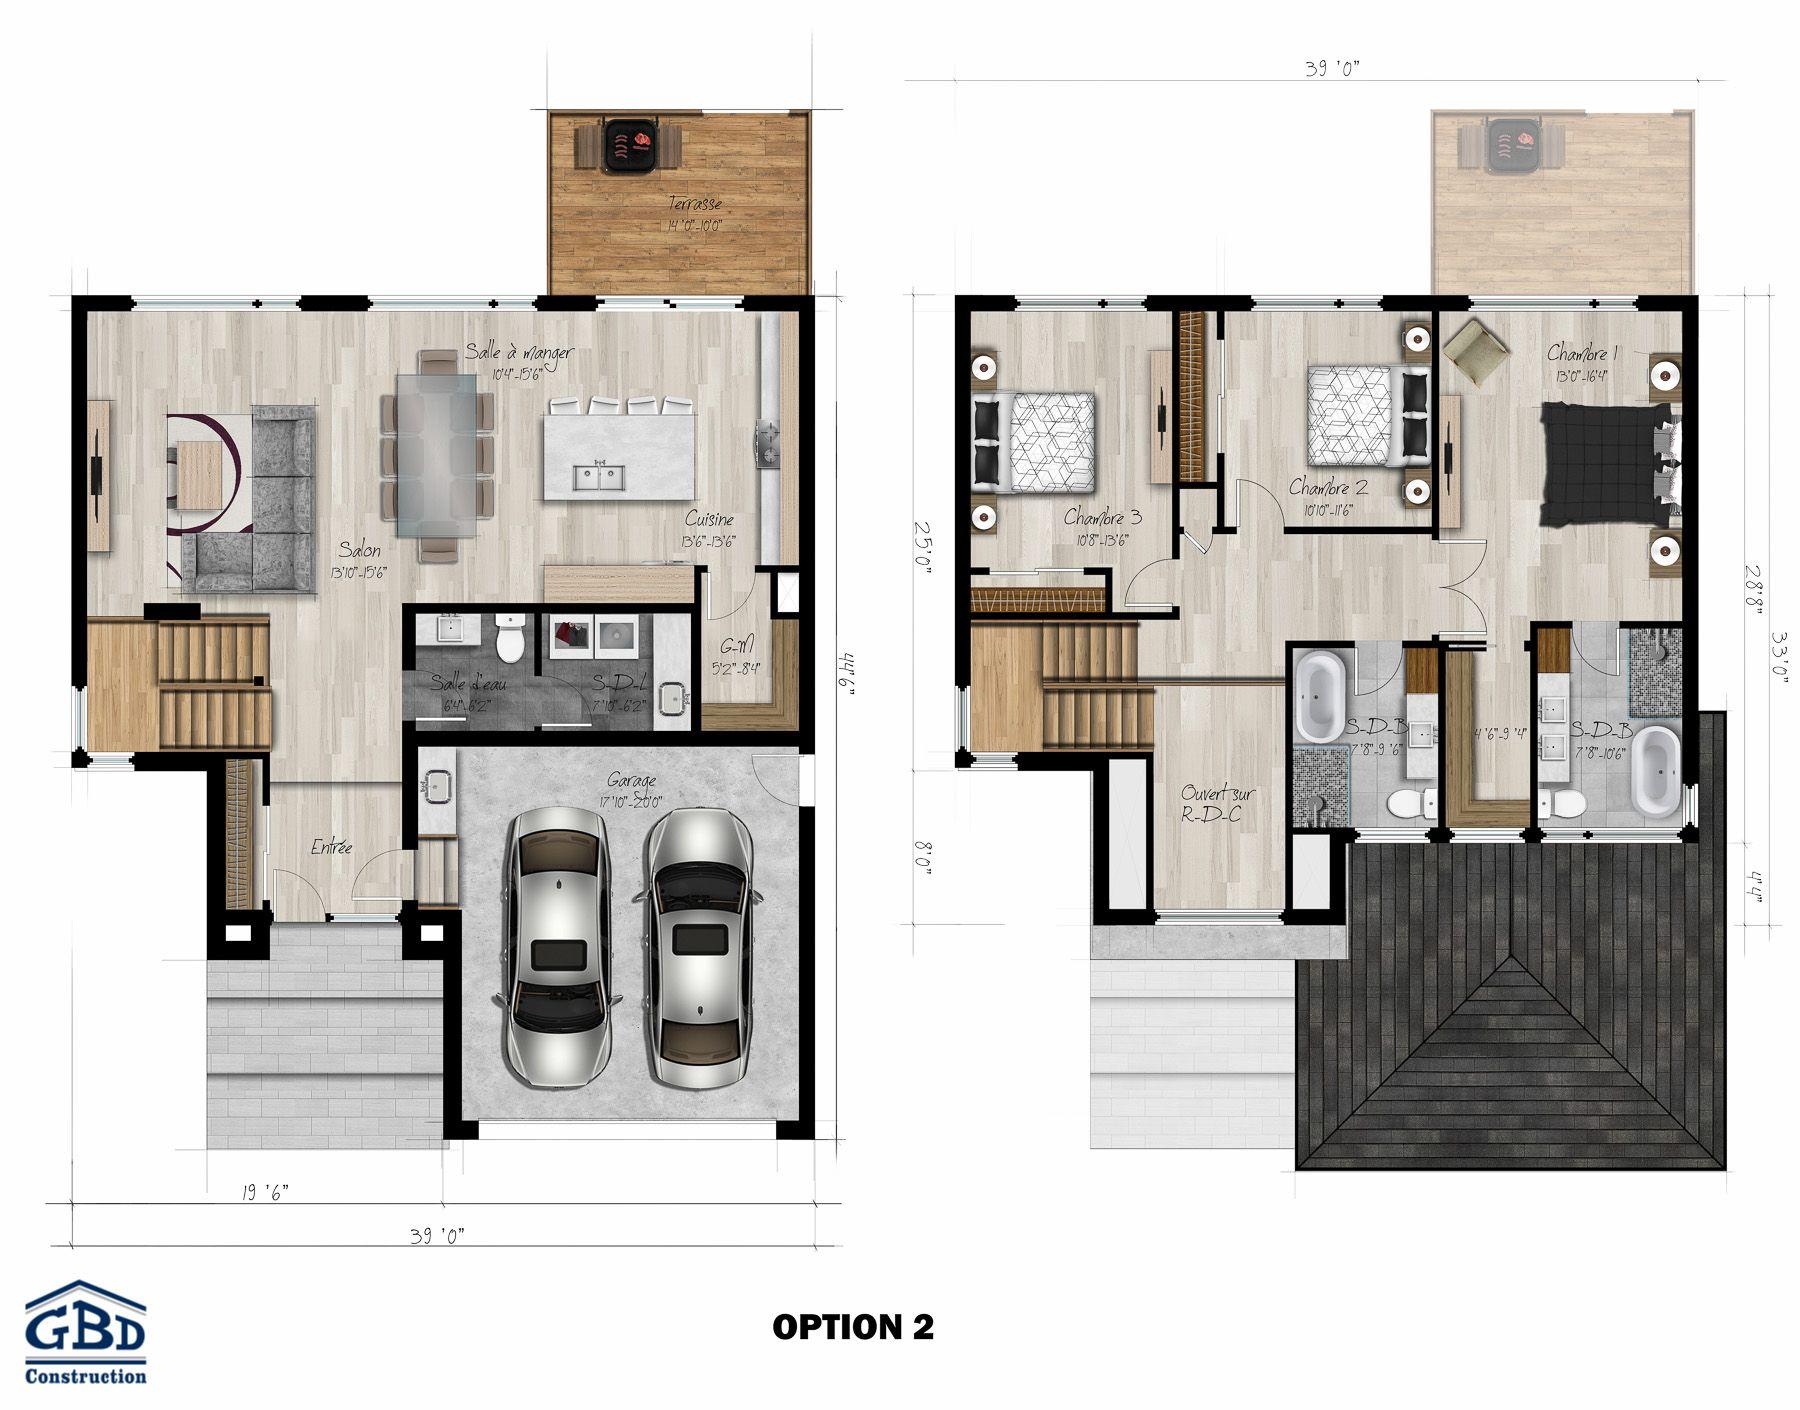 Manhattan Maison Neuve A Deux Etages De Type Cottage Gbd Construction Model House Plan House Plans Small Apartment Building